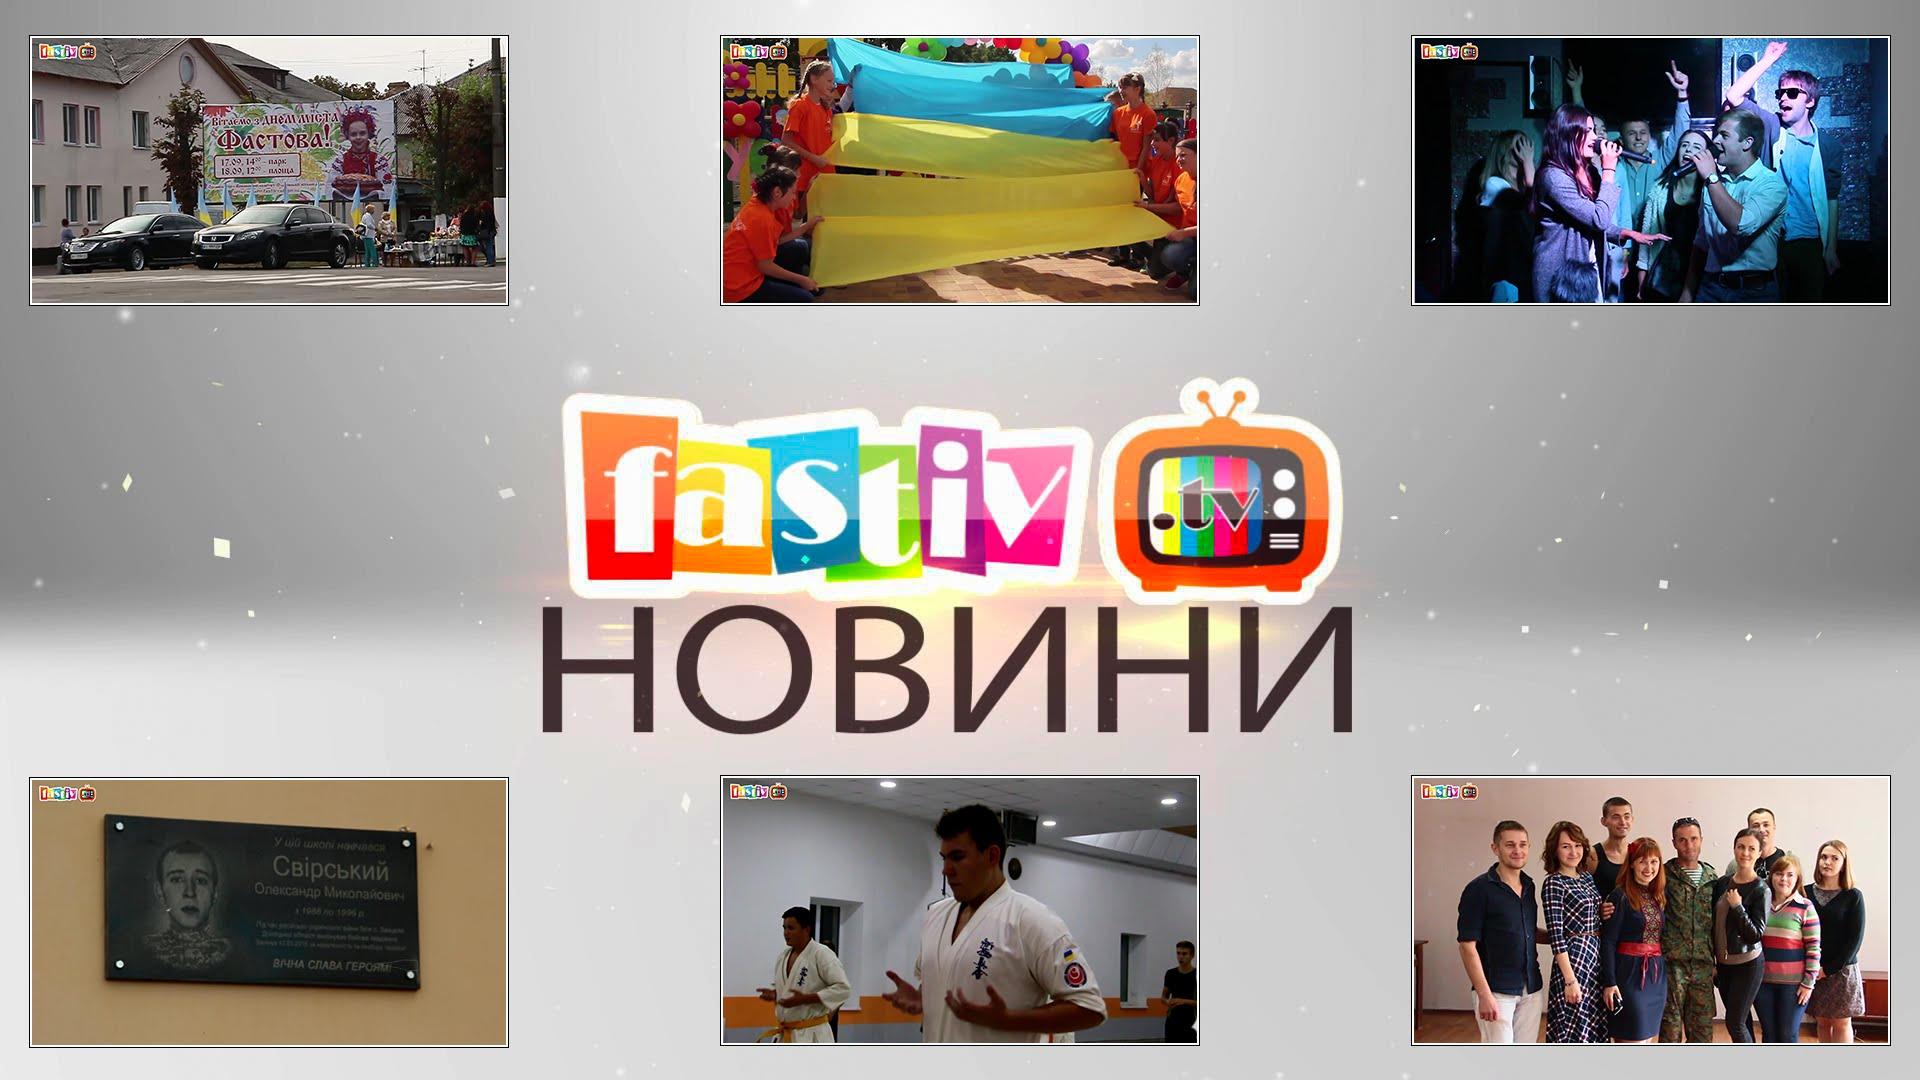 Тижневі підсумки новин від FASTIV.TV 25.09.2016